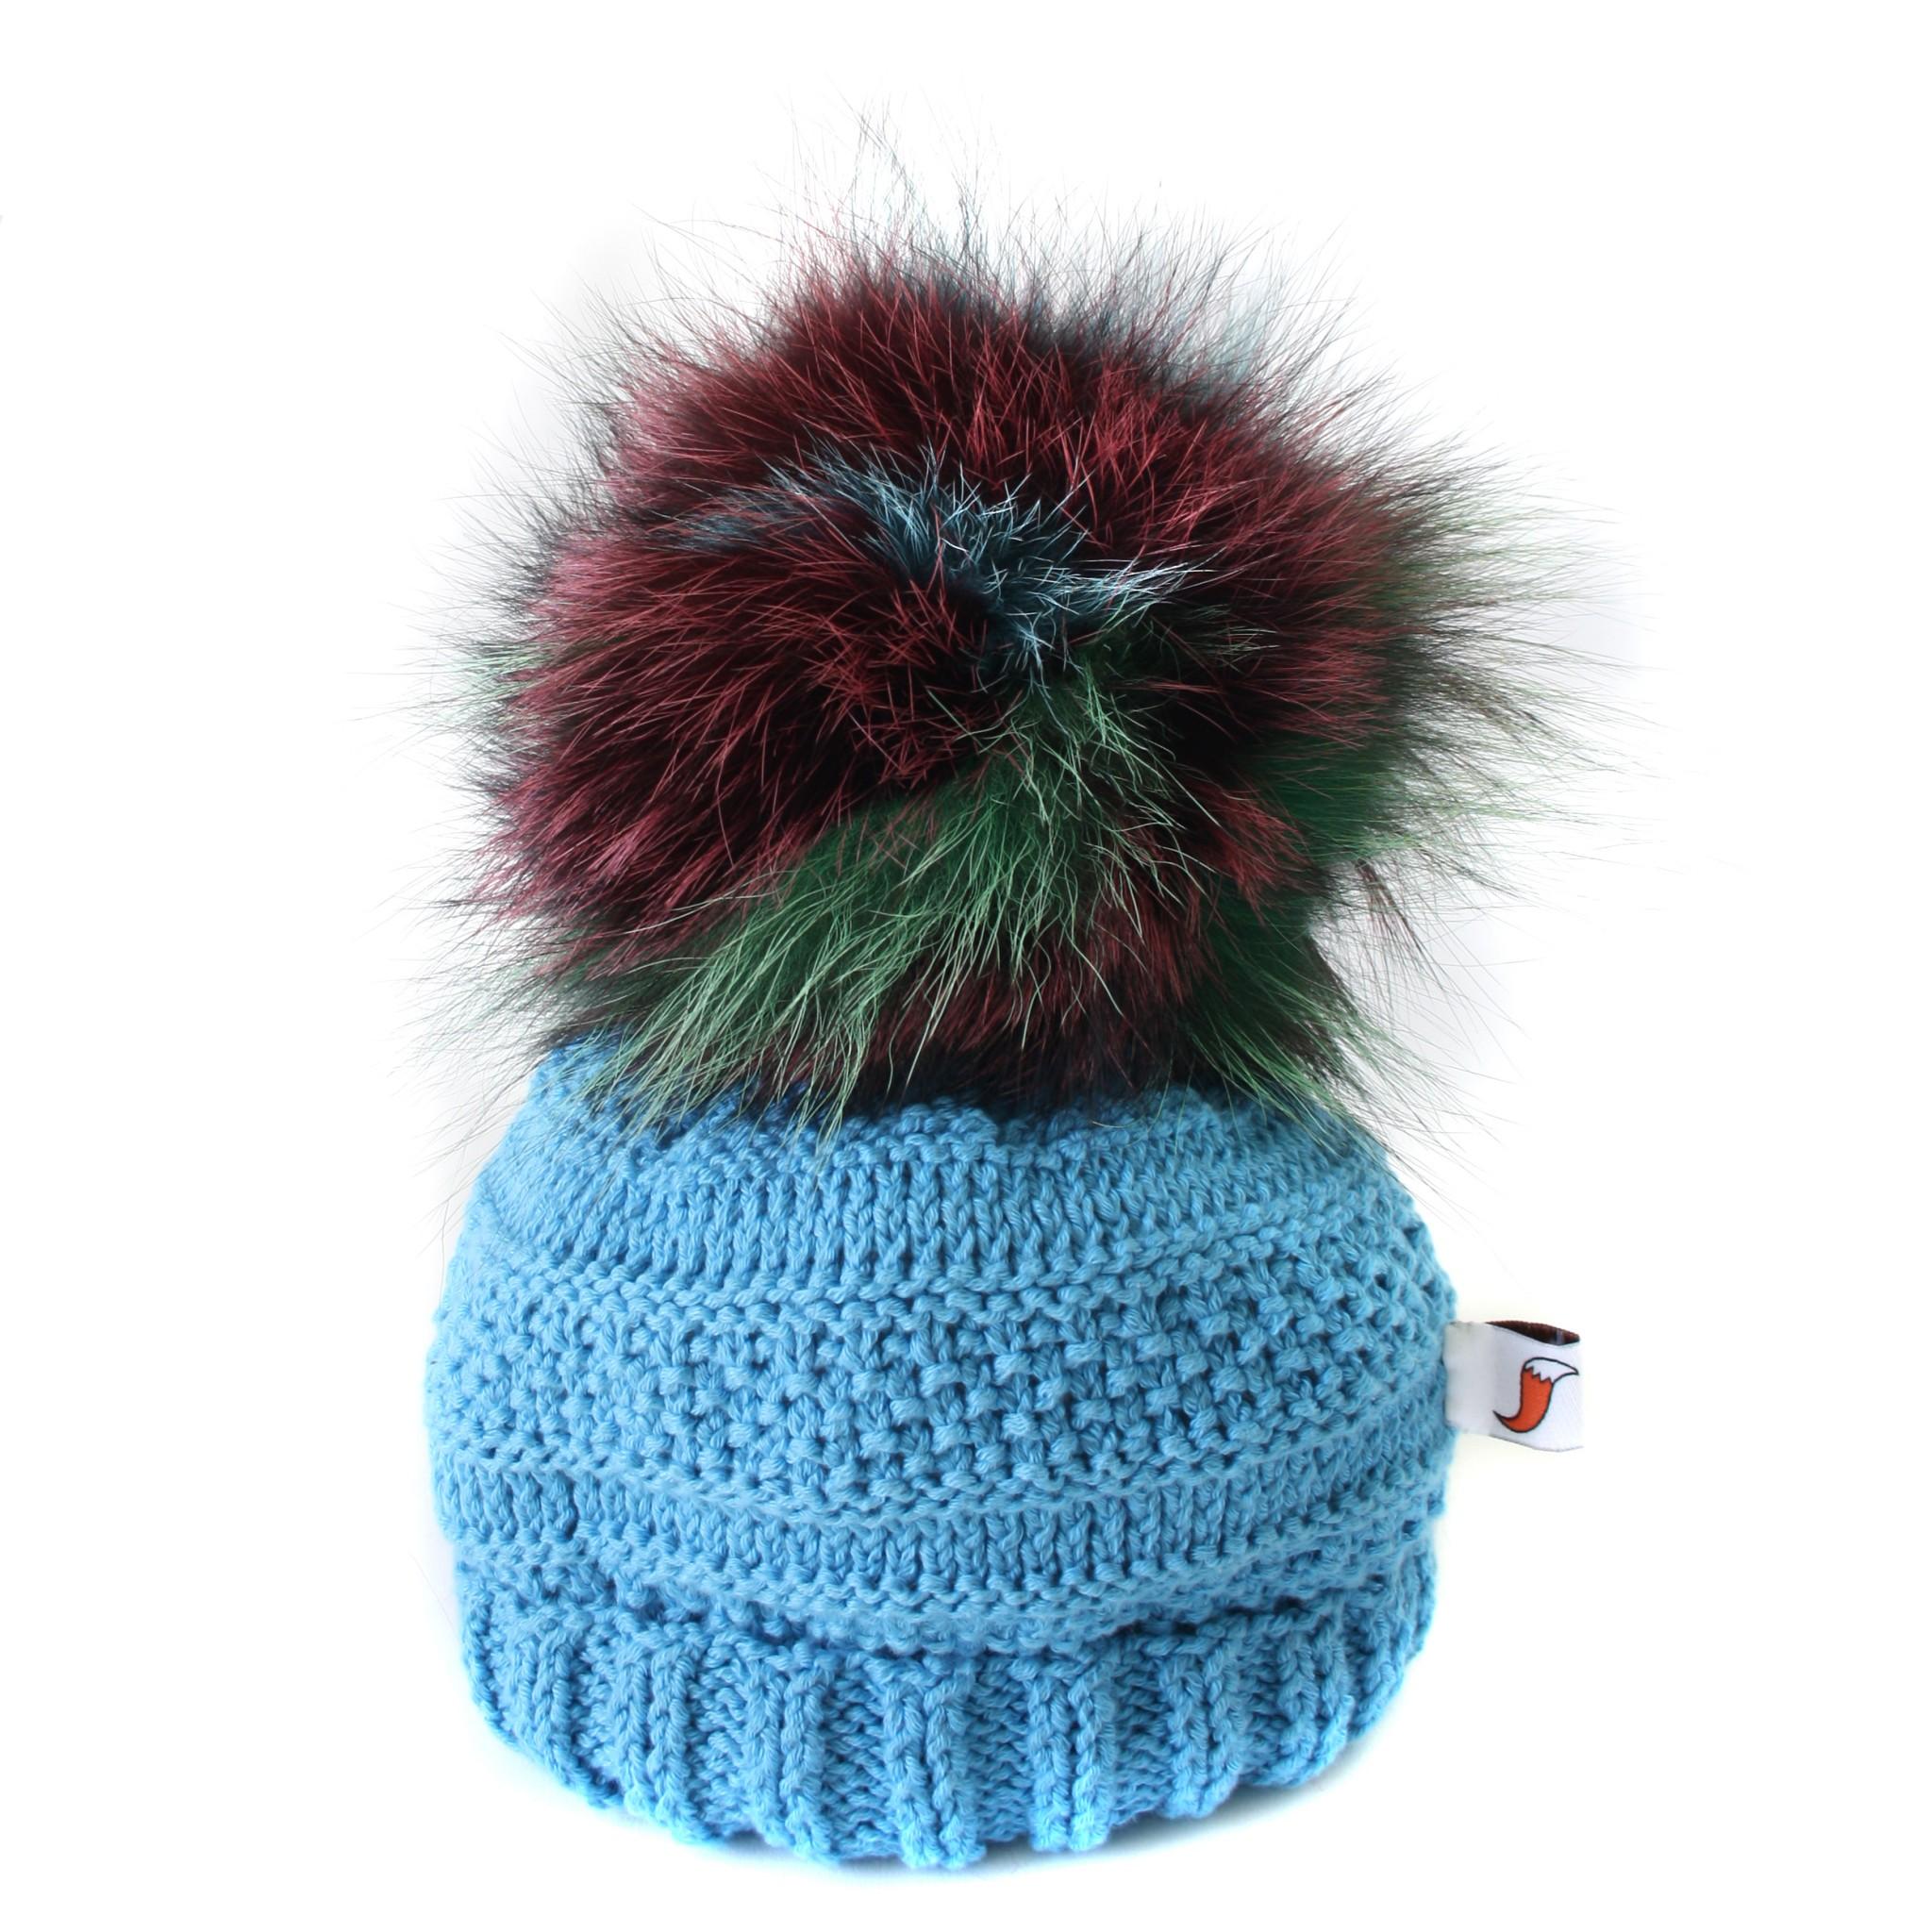 Blue Giant Pom Pom Hat - Ffwr de34226b7fb